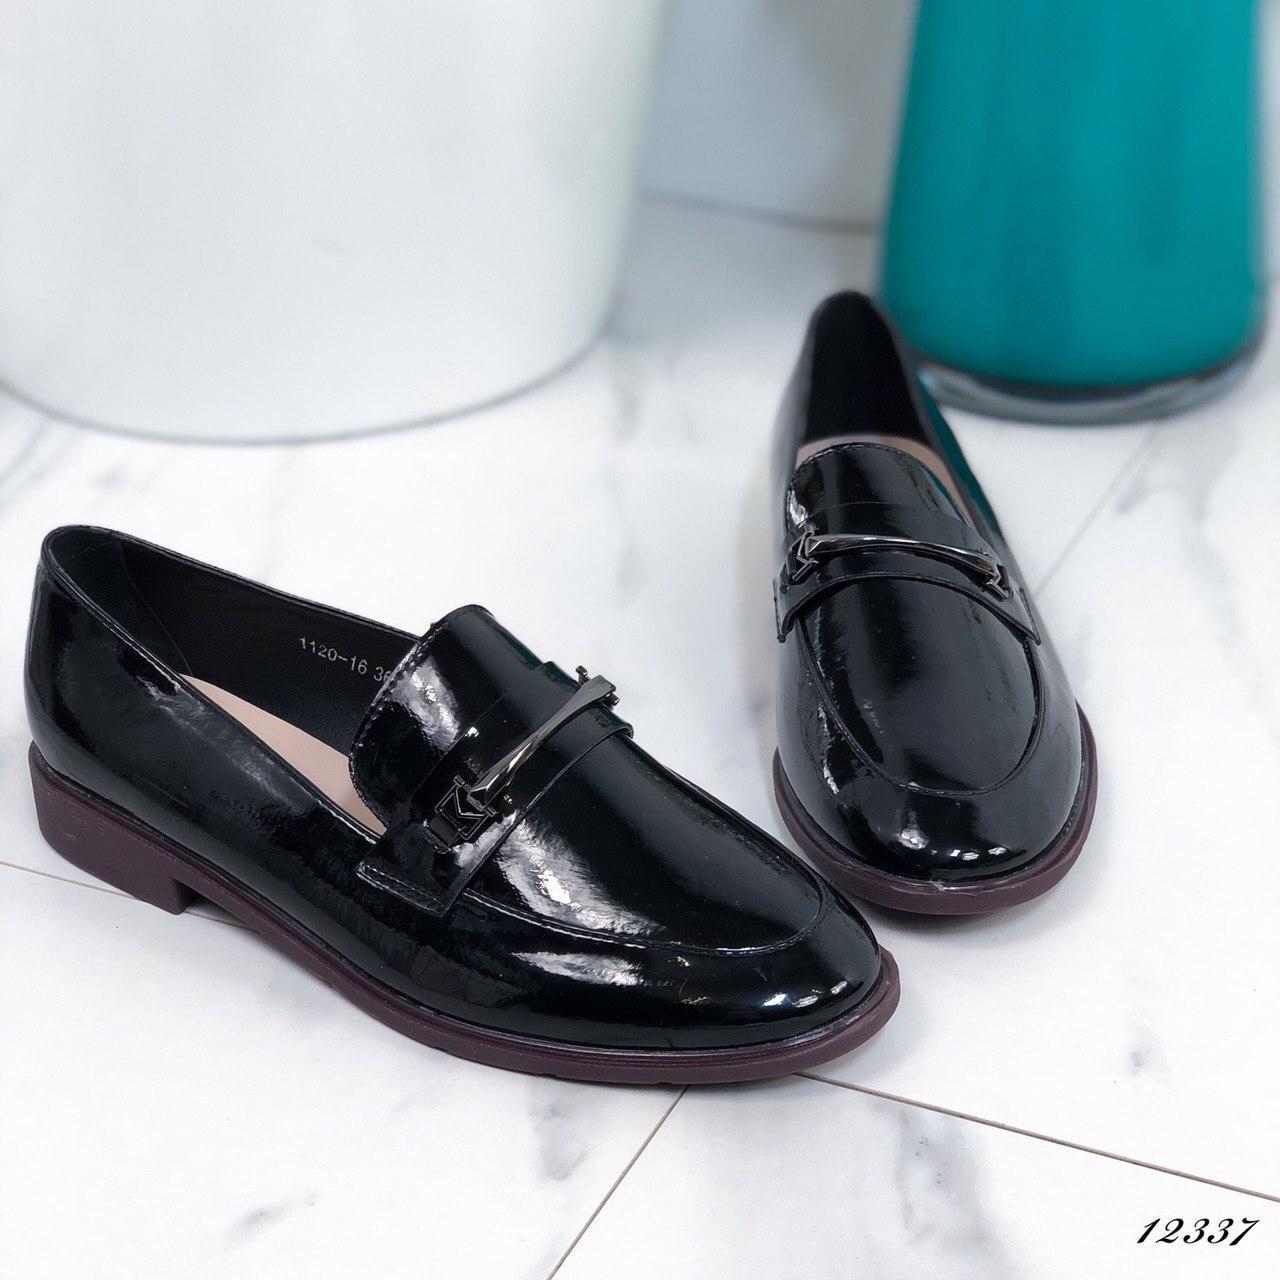 Женские туфли лоферы лаковые черные, 37 размер